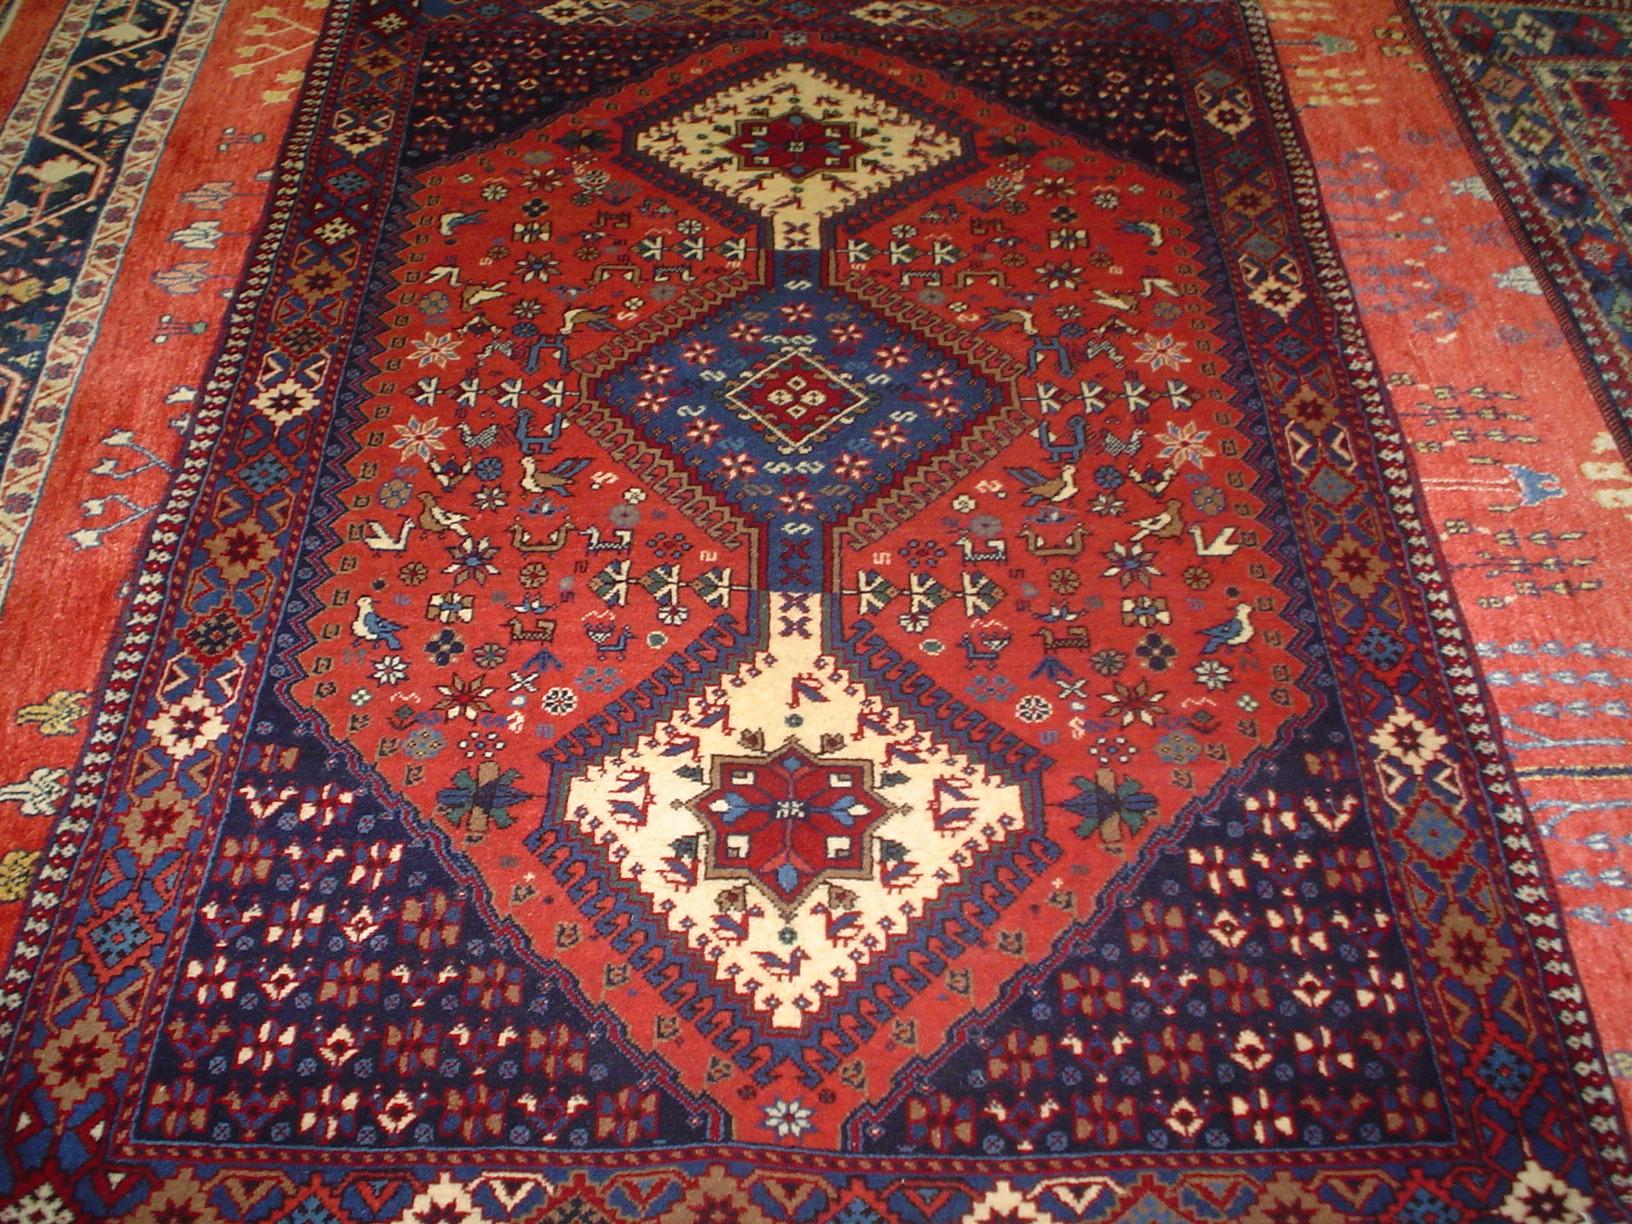 #5) 4 x 6 Persian Yalameh rug woven in Southern Iran.